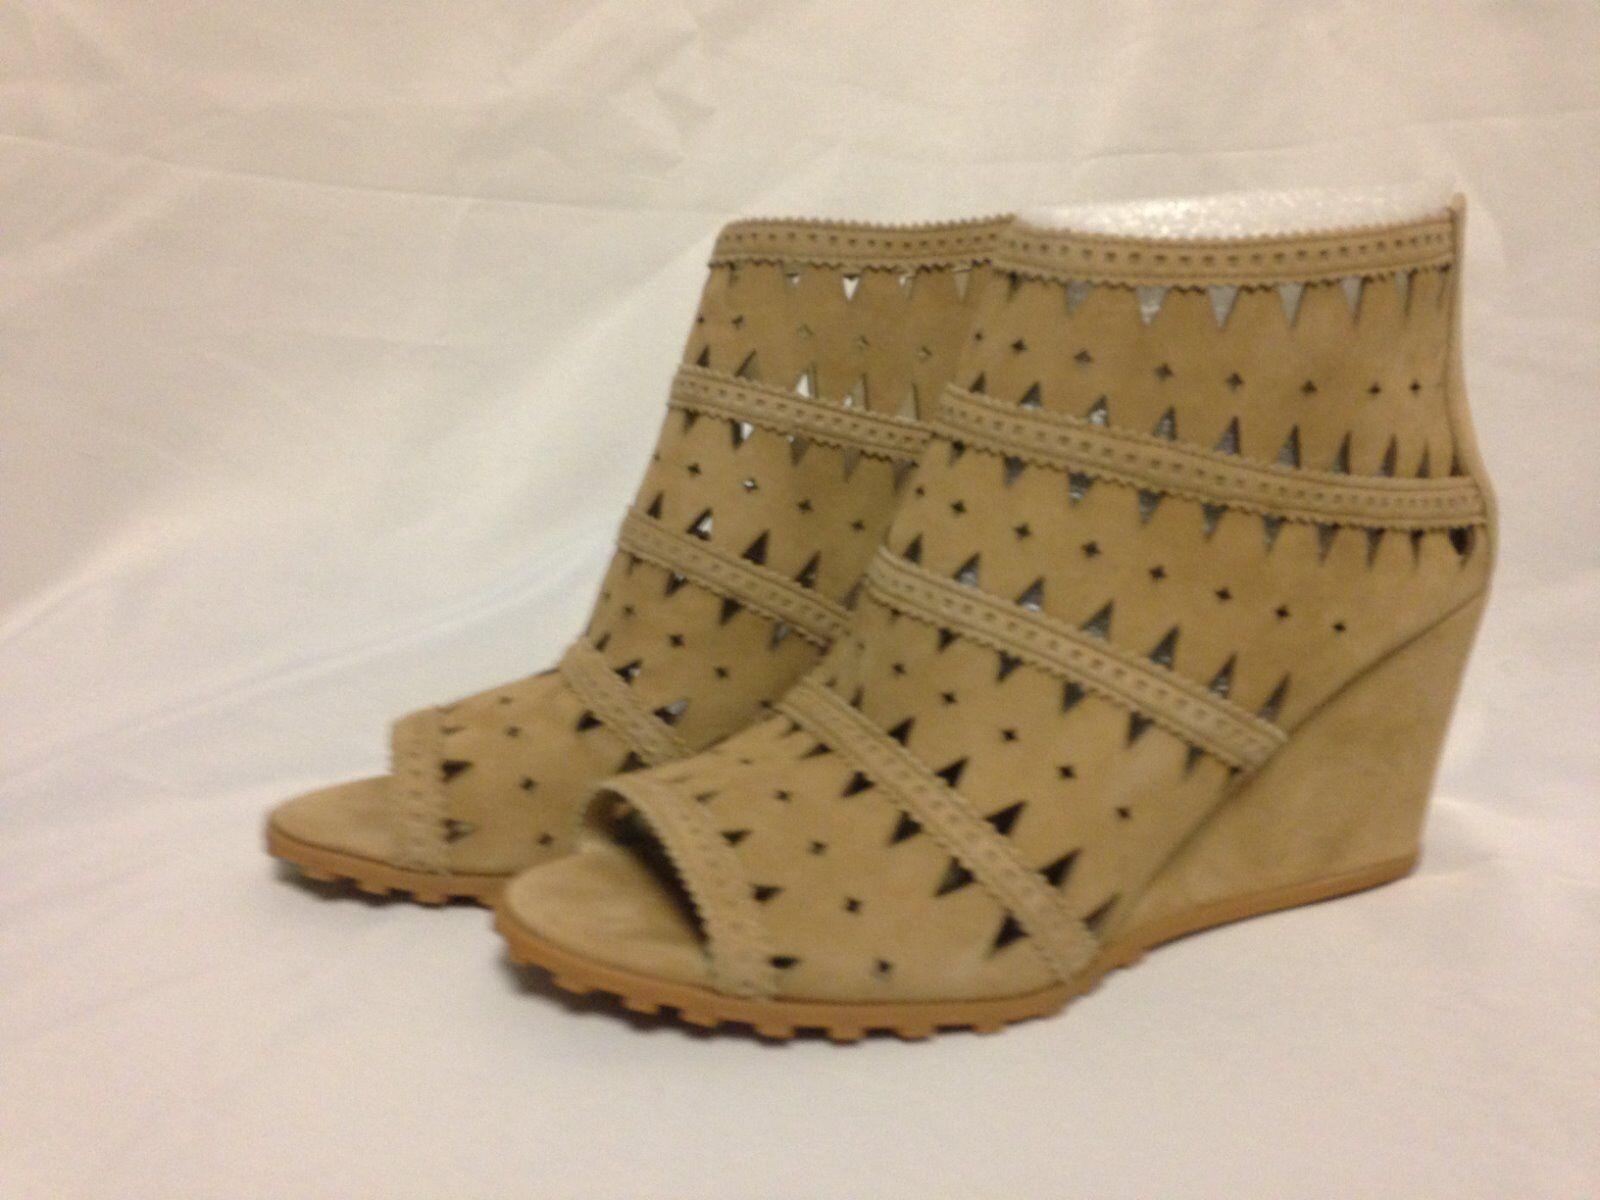 Via Spiga Latanya Wedge Heel Bootie Open Toe Ankle Bootie Heel 11 M Camel Suede  New w/ Box e86e40